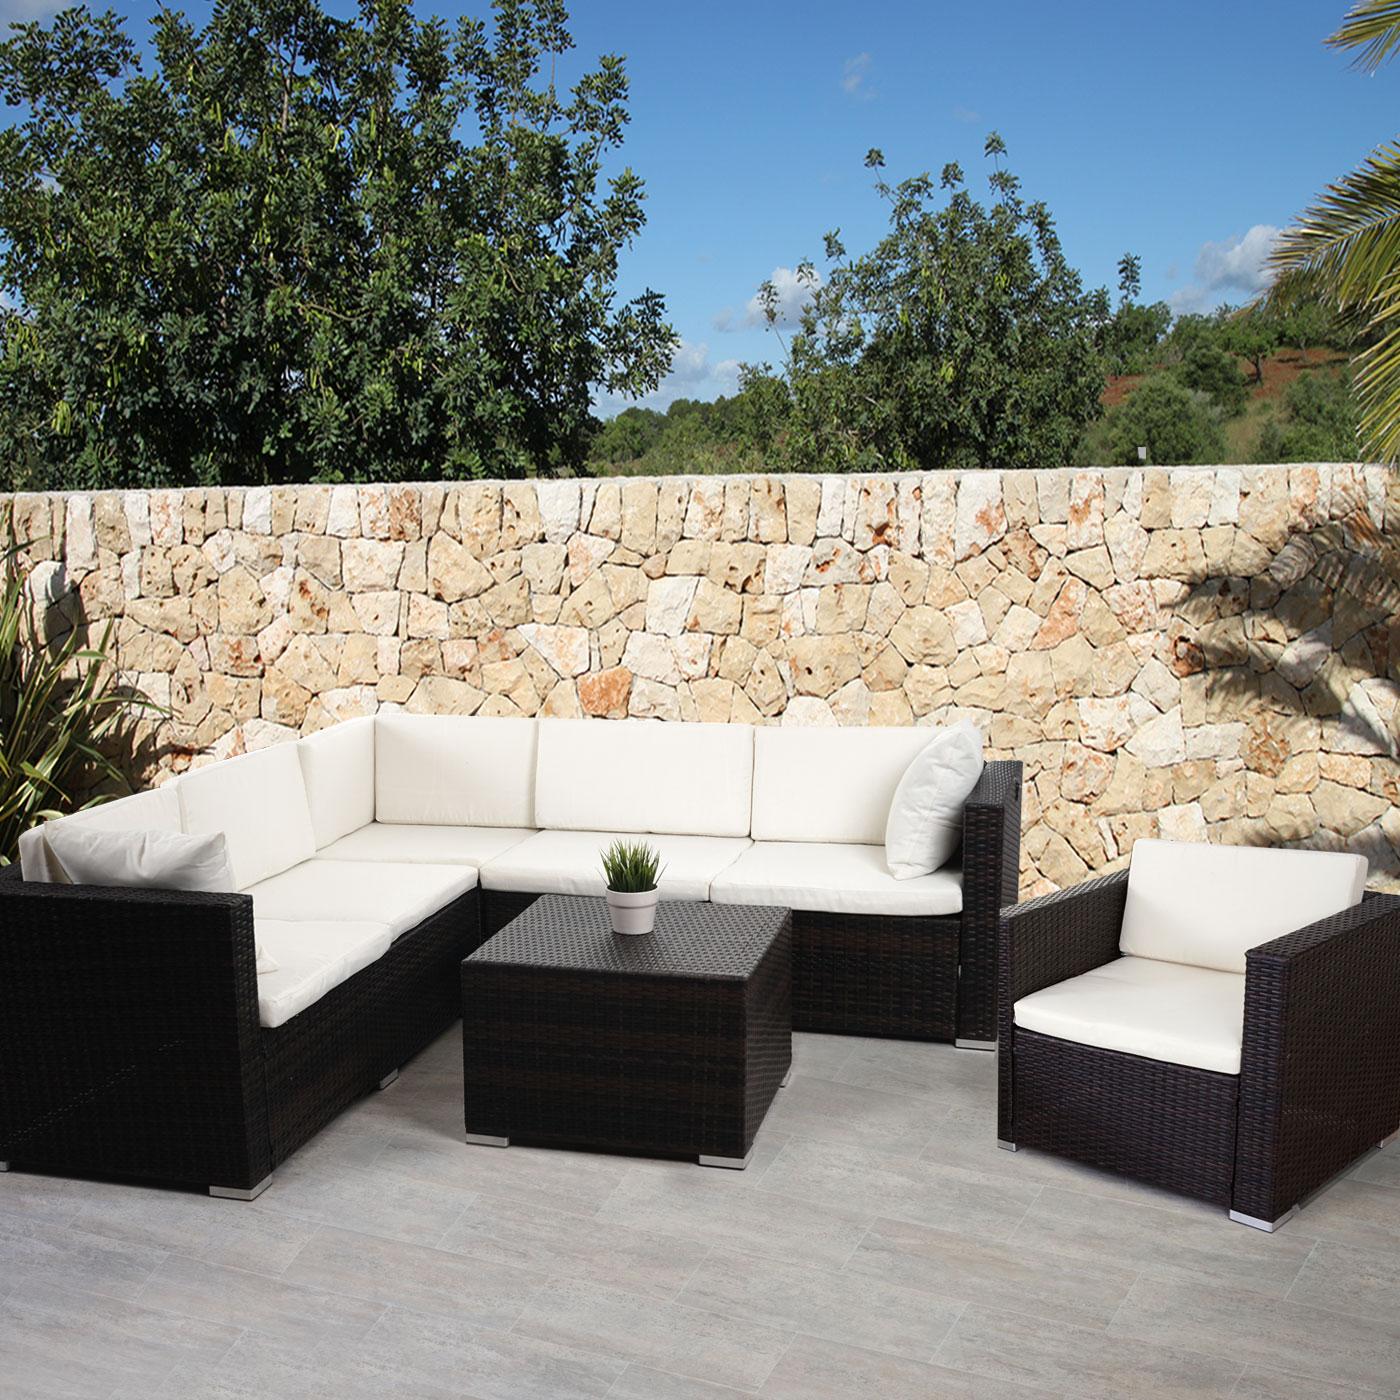 poly rattan garnitur rom basic sofa sessel lounge set alu. Black Bedroom Furniture Sets. Home Design Ideas